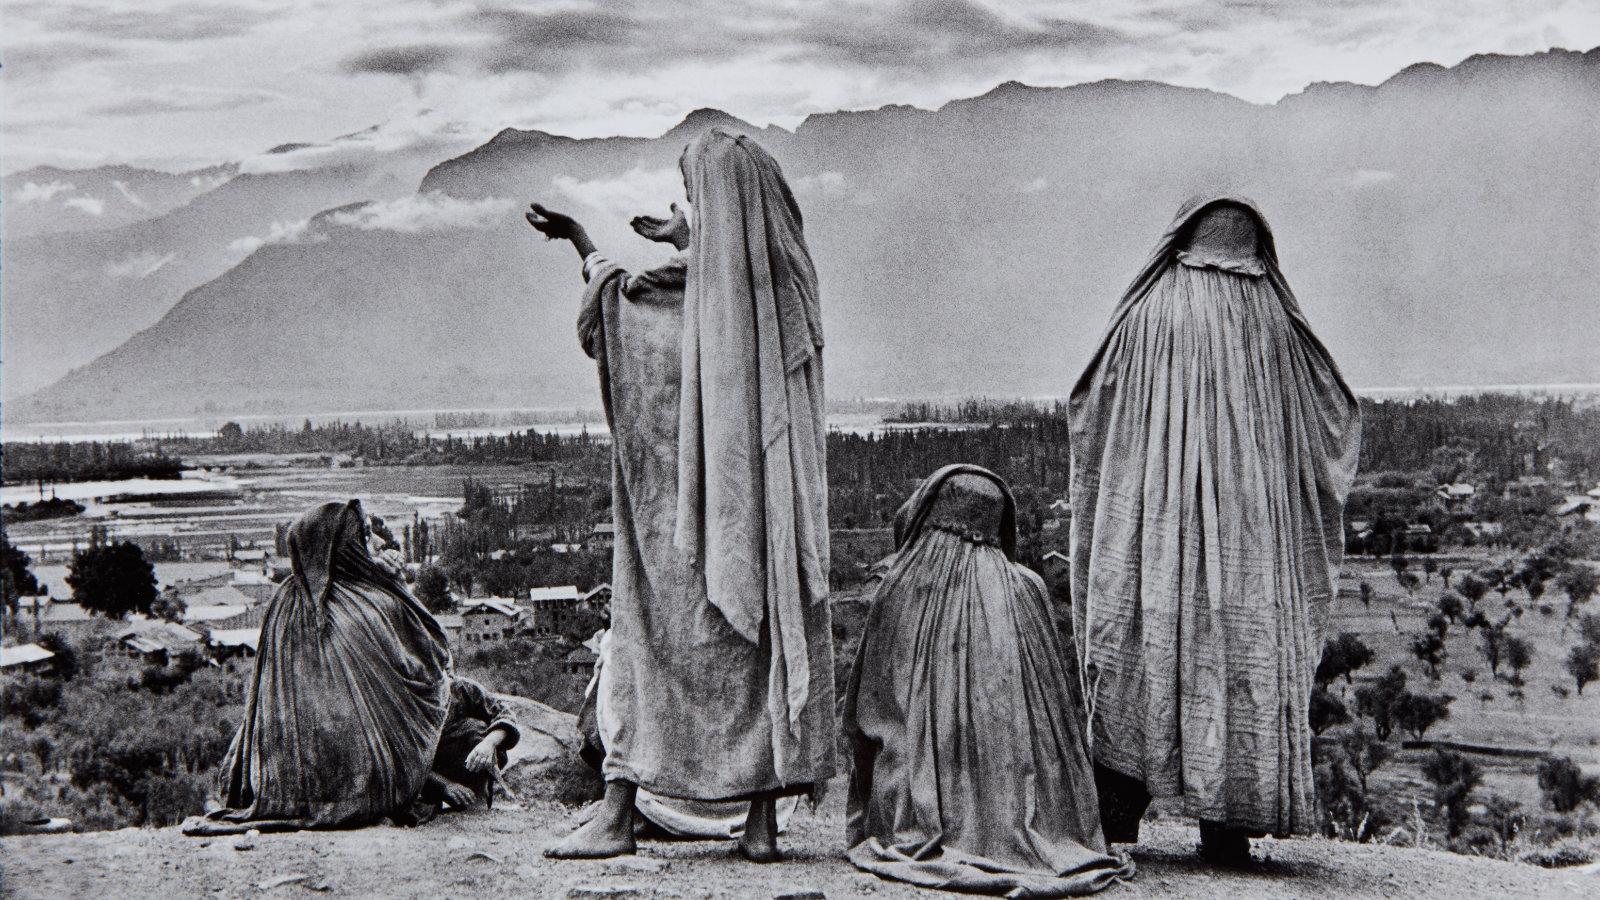 India Henri Cartier-Bresson